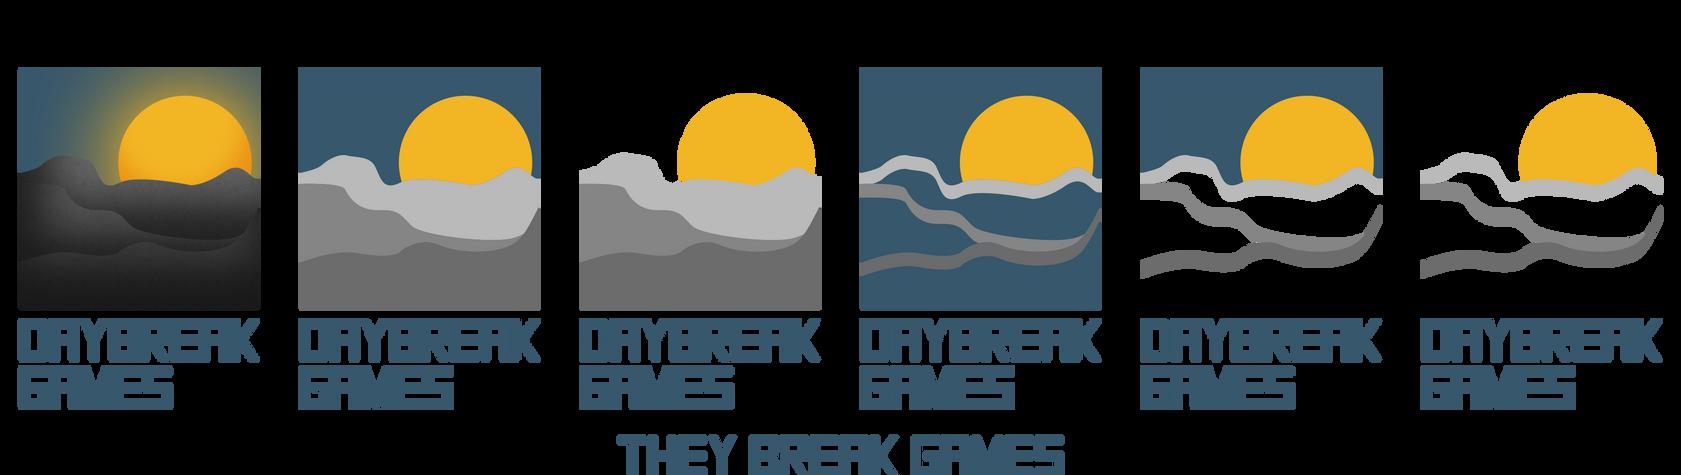 Daybreak Games Studio by Floodgrunt on DeviantArt